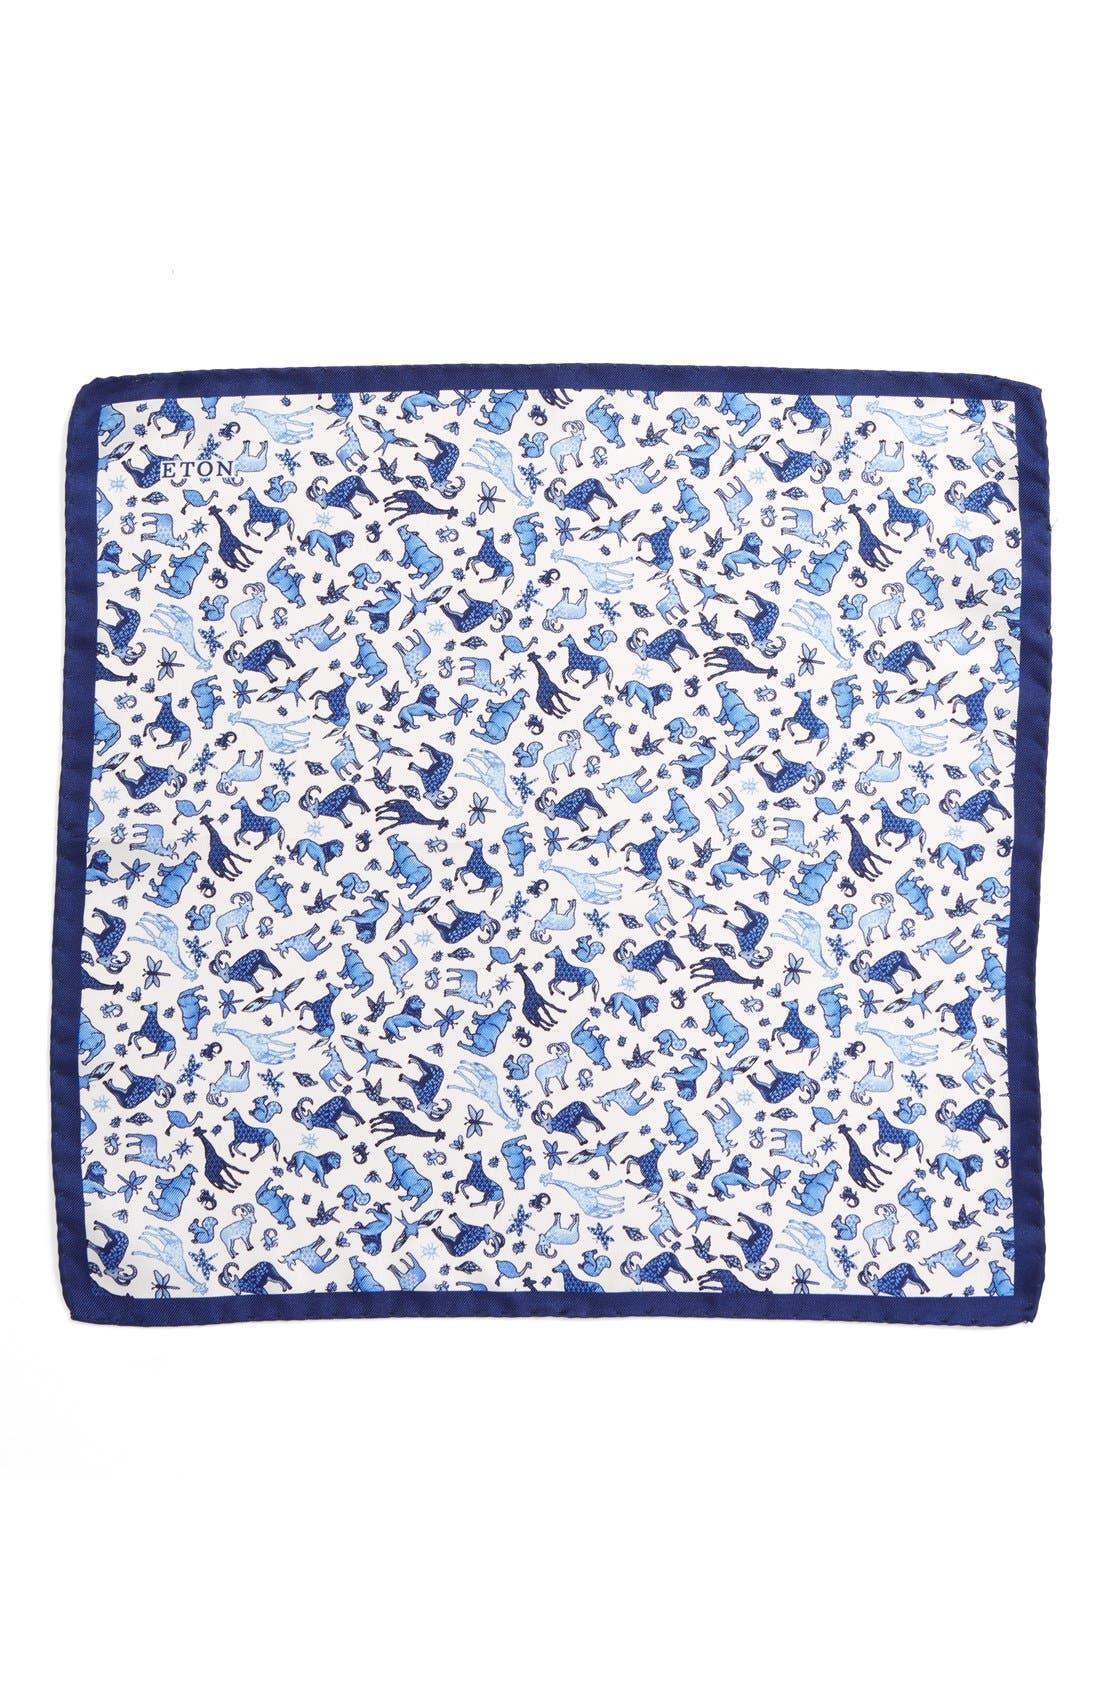 ETON,                             Animal Print Silk Pocket Square,                             Alternate thumbnail 3, color,                             400